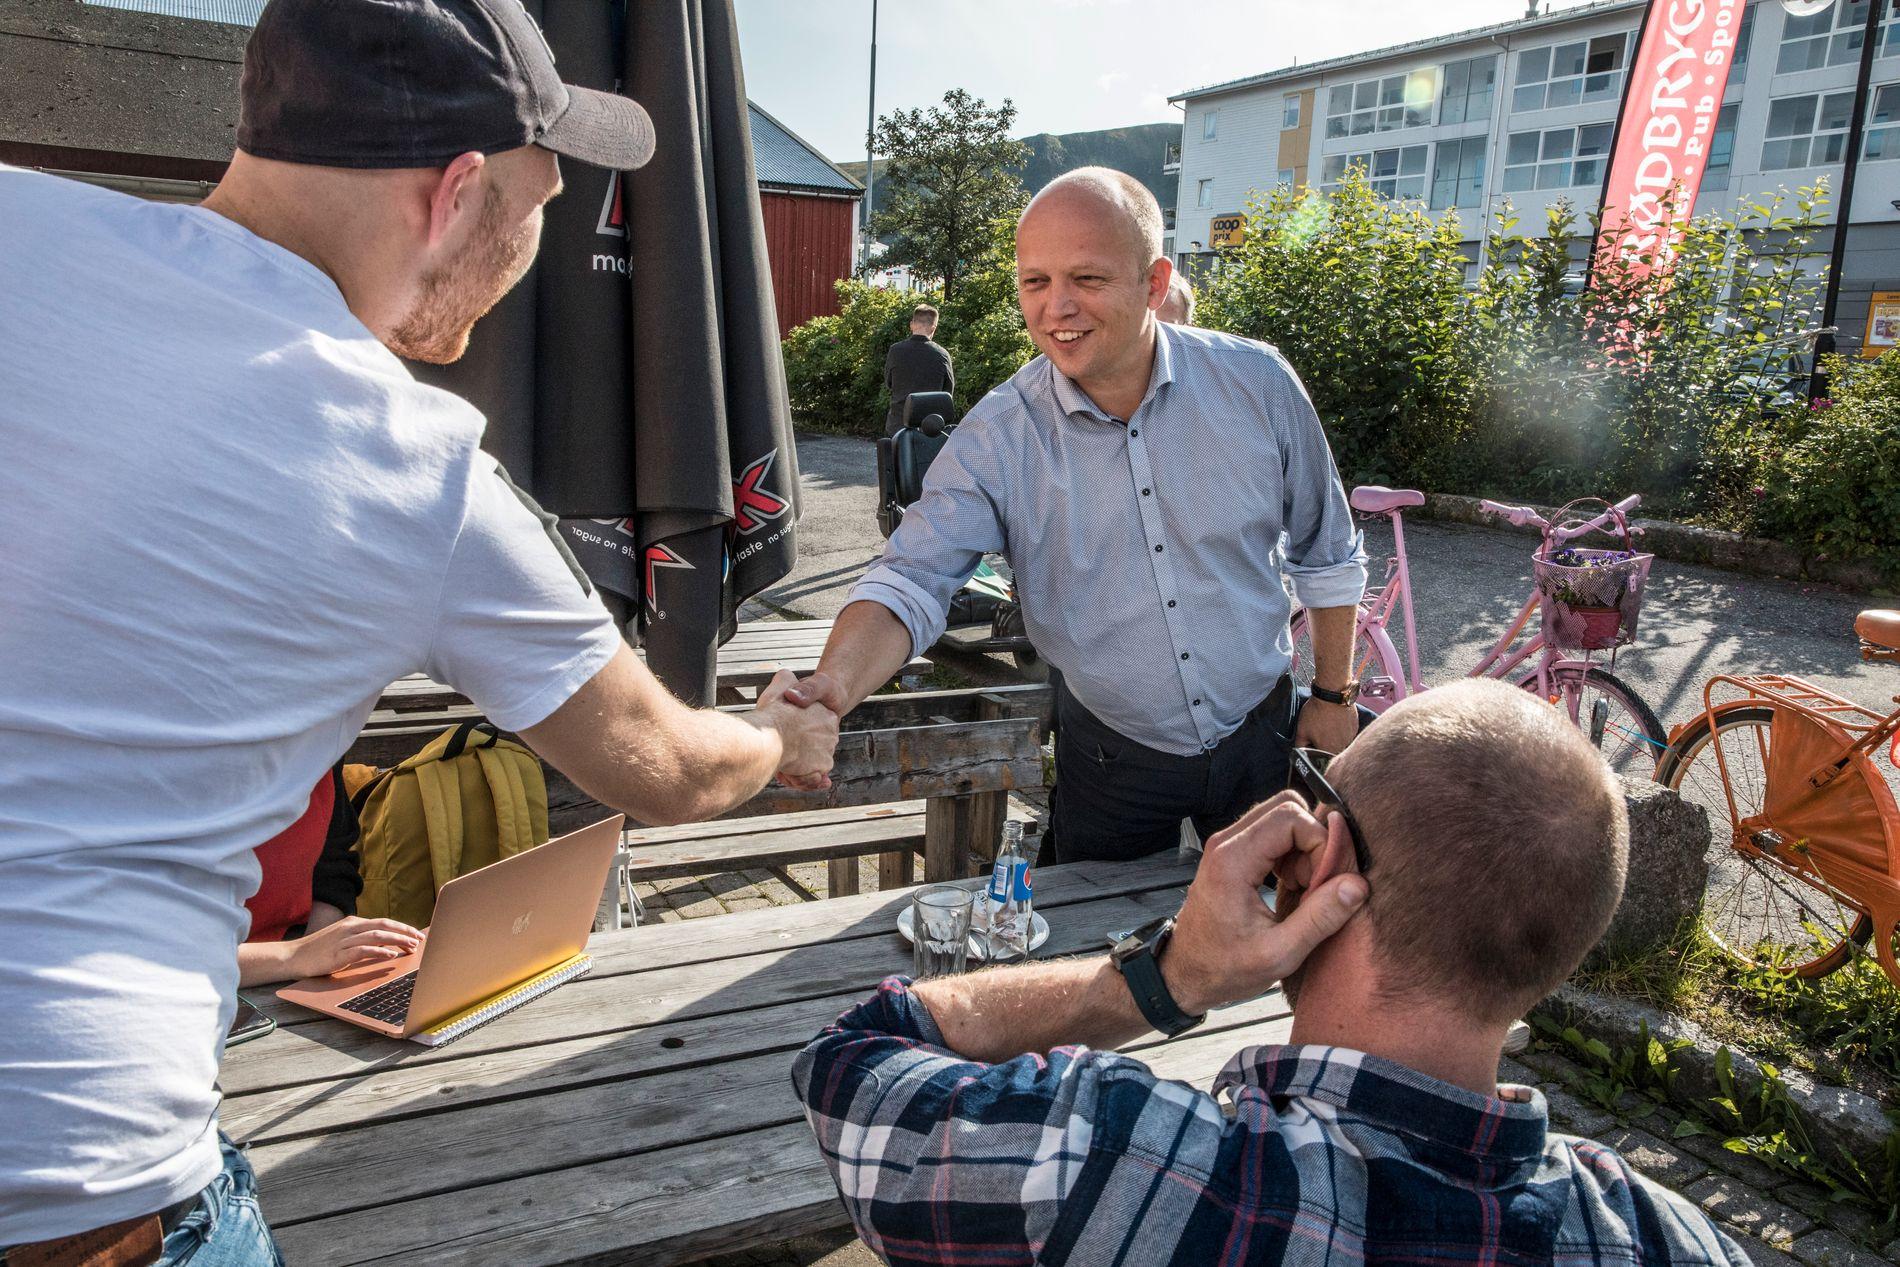 STEMMEFISKE: Sp-leder Trygve Slagsvold Vedum møtte mulige velgere på sin tur til Stokmarknes i Nordland fylkes, der Sp ligger an til å gjøre et brakvalg.